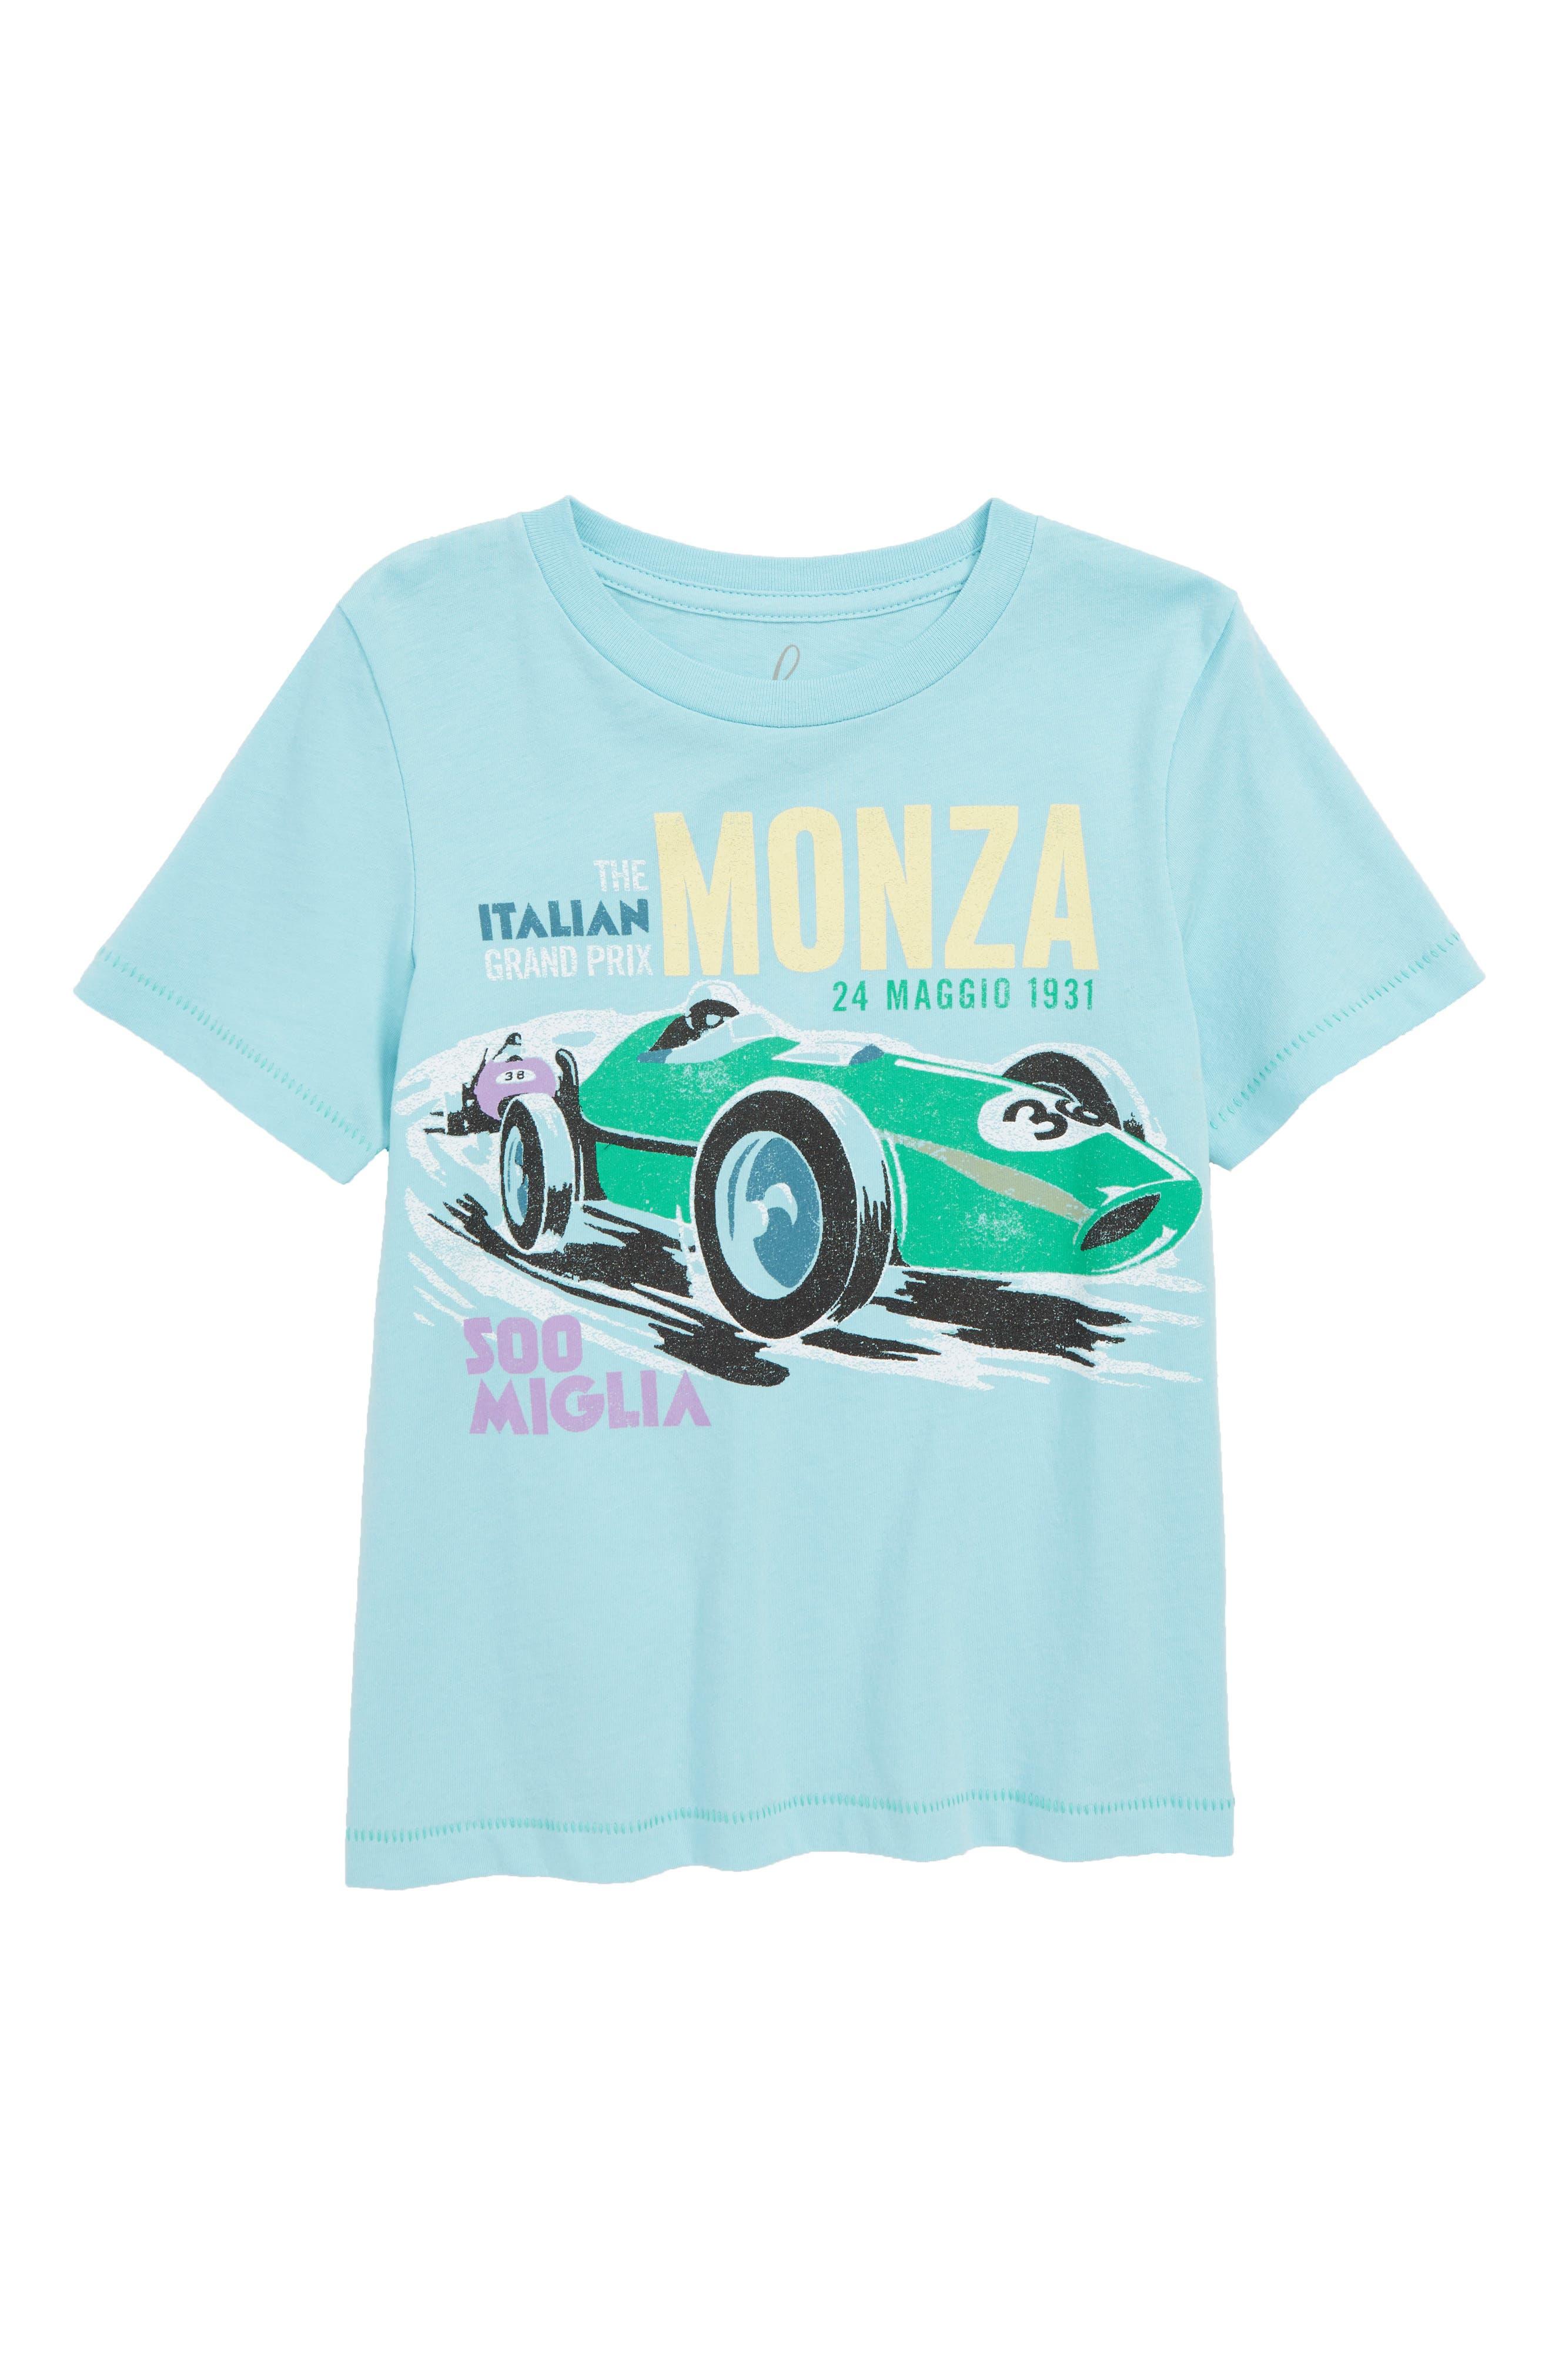 Monza T-Shirt,                             Main thumbnail 1, color,                             LIGHT BLUE